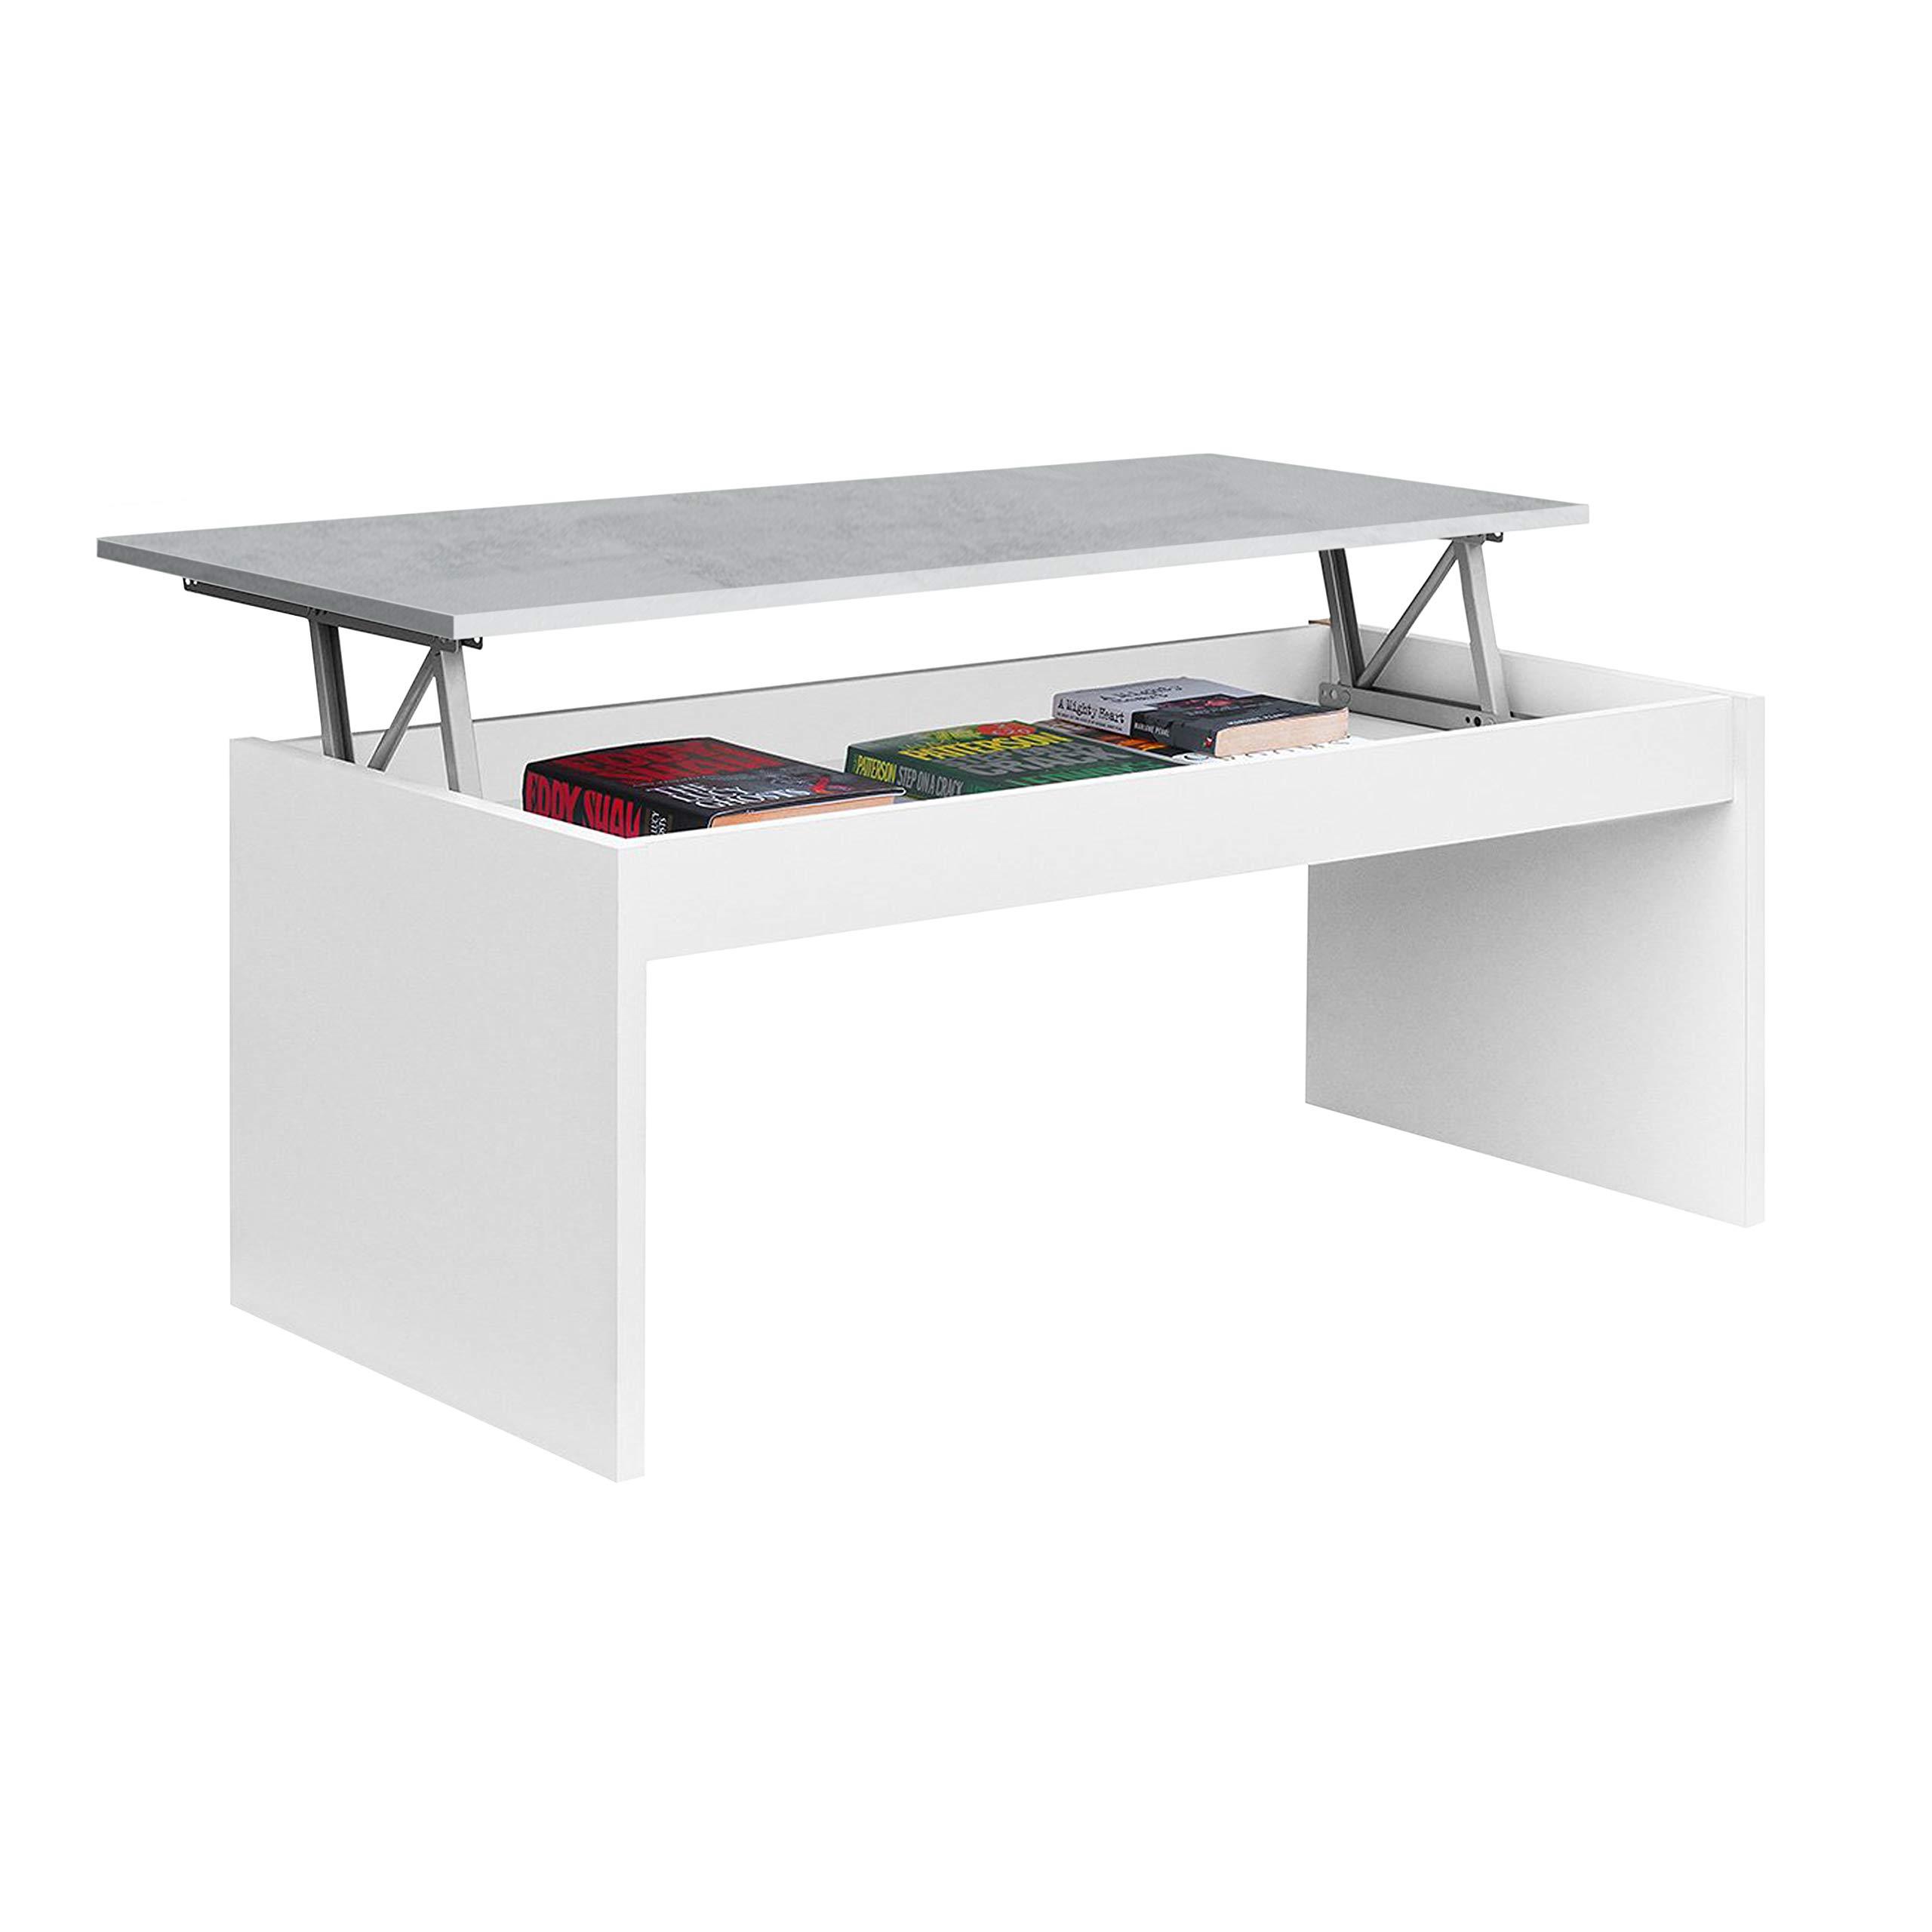 Habitdesign 6L6A- Table Basse modèle Zenit, Table pour Meuble de Salle à  Manger en Couleur Blanc Artik - Ciment